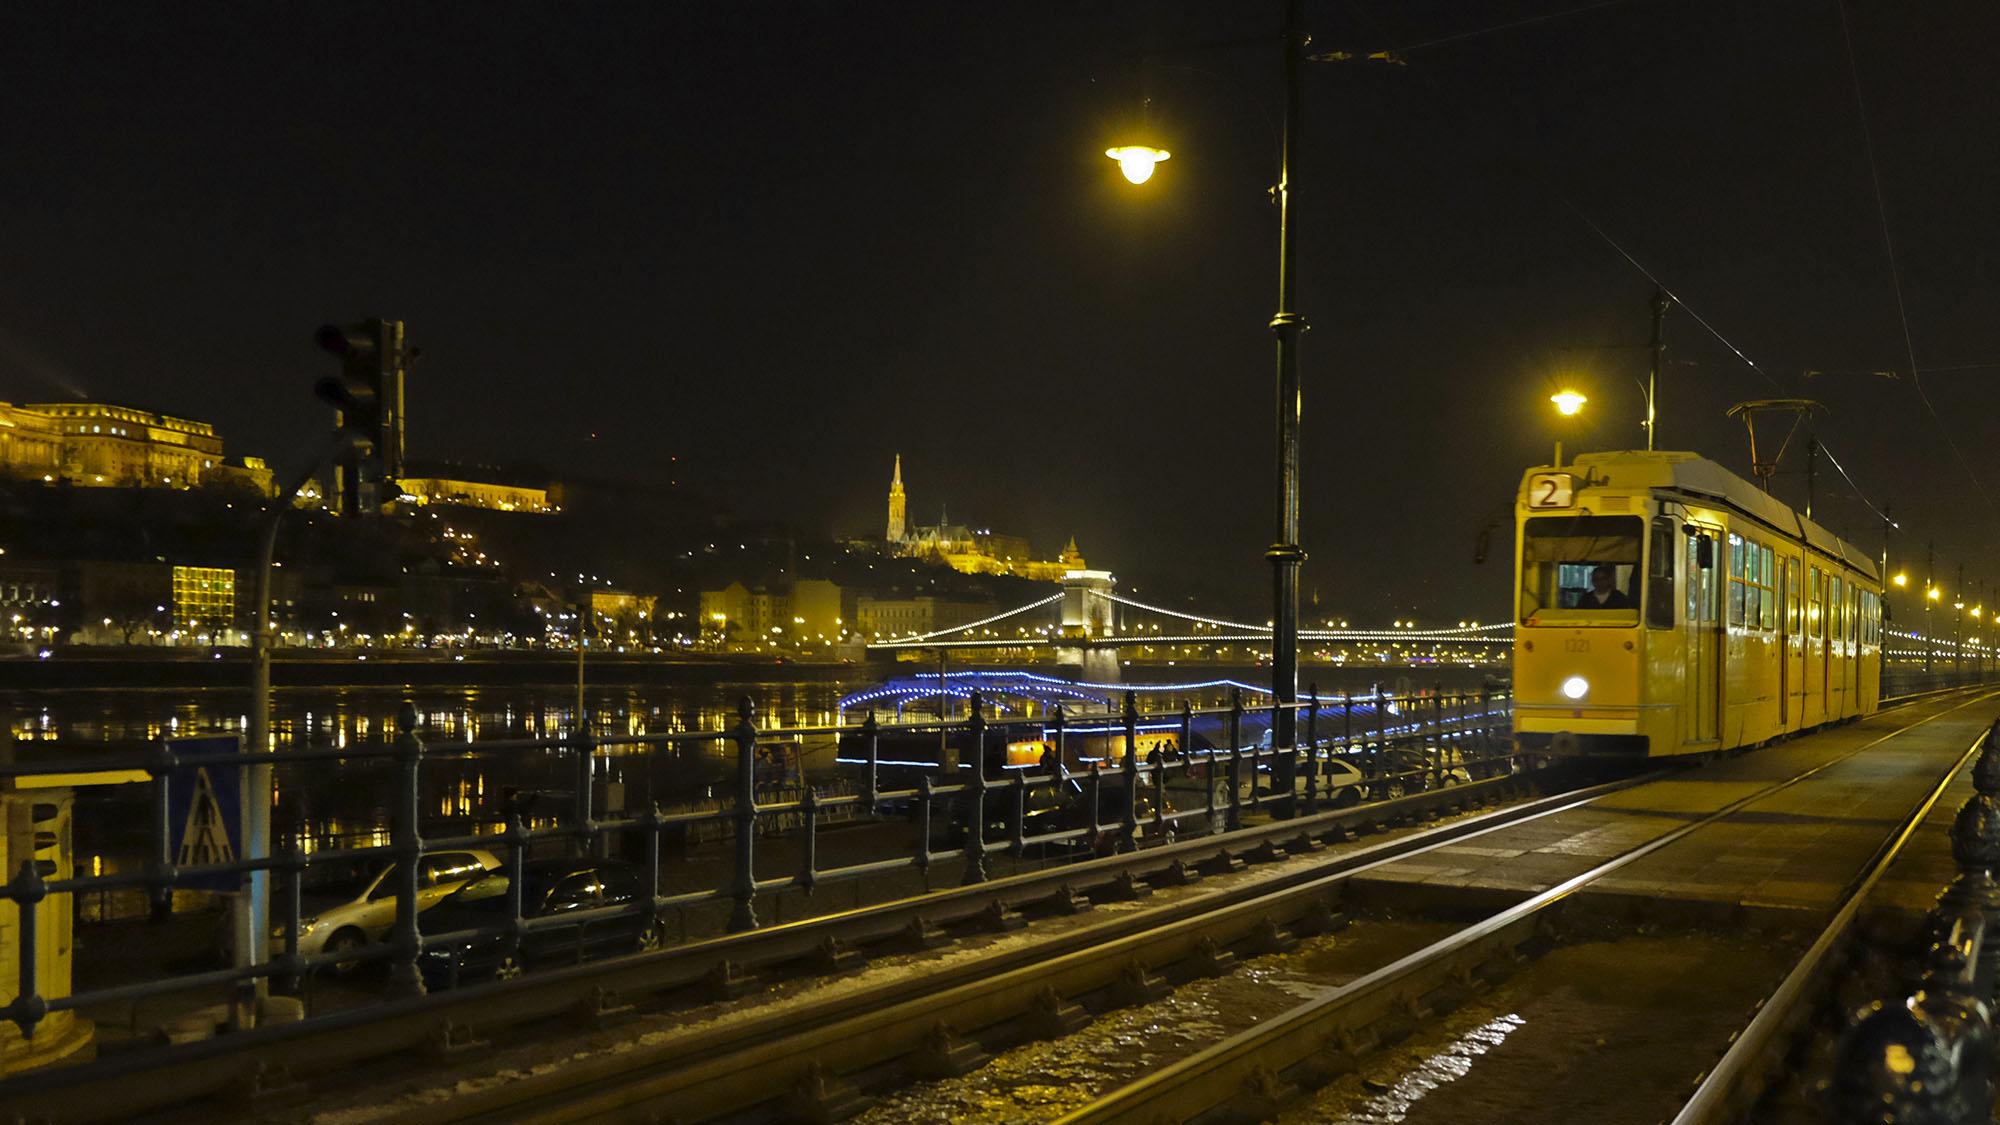 Budapest - tram no two